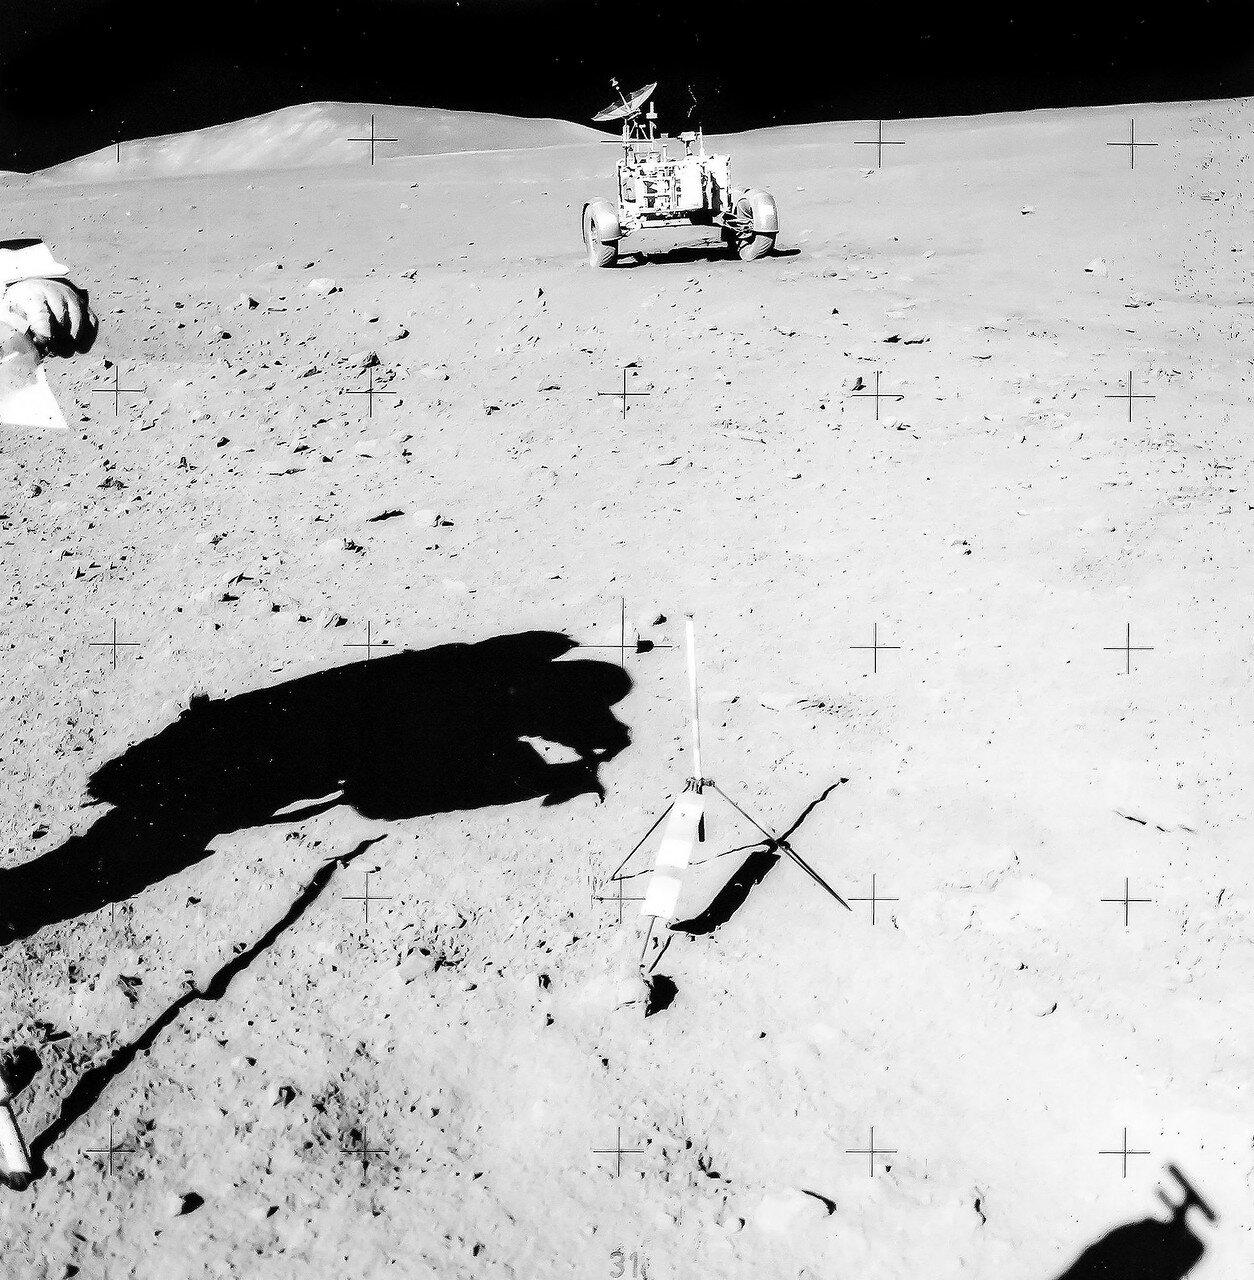 Вскоре астронавты начали взбираться по боковому склону горы Хэдли Дельта. Теперь уже они отчётливо чувствовали, что едут вверх